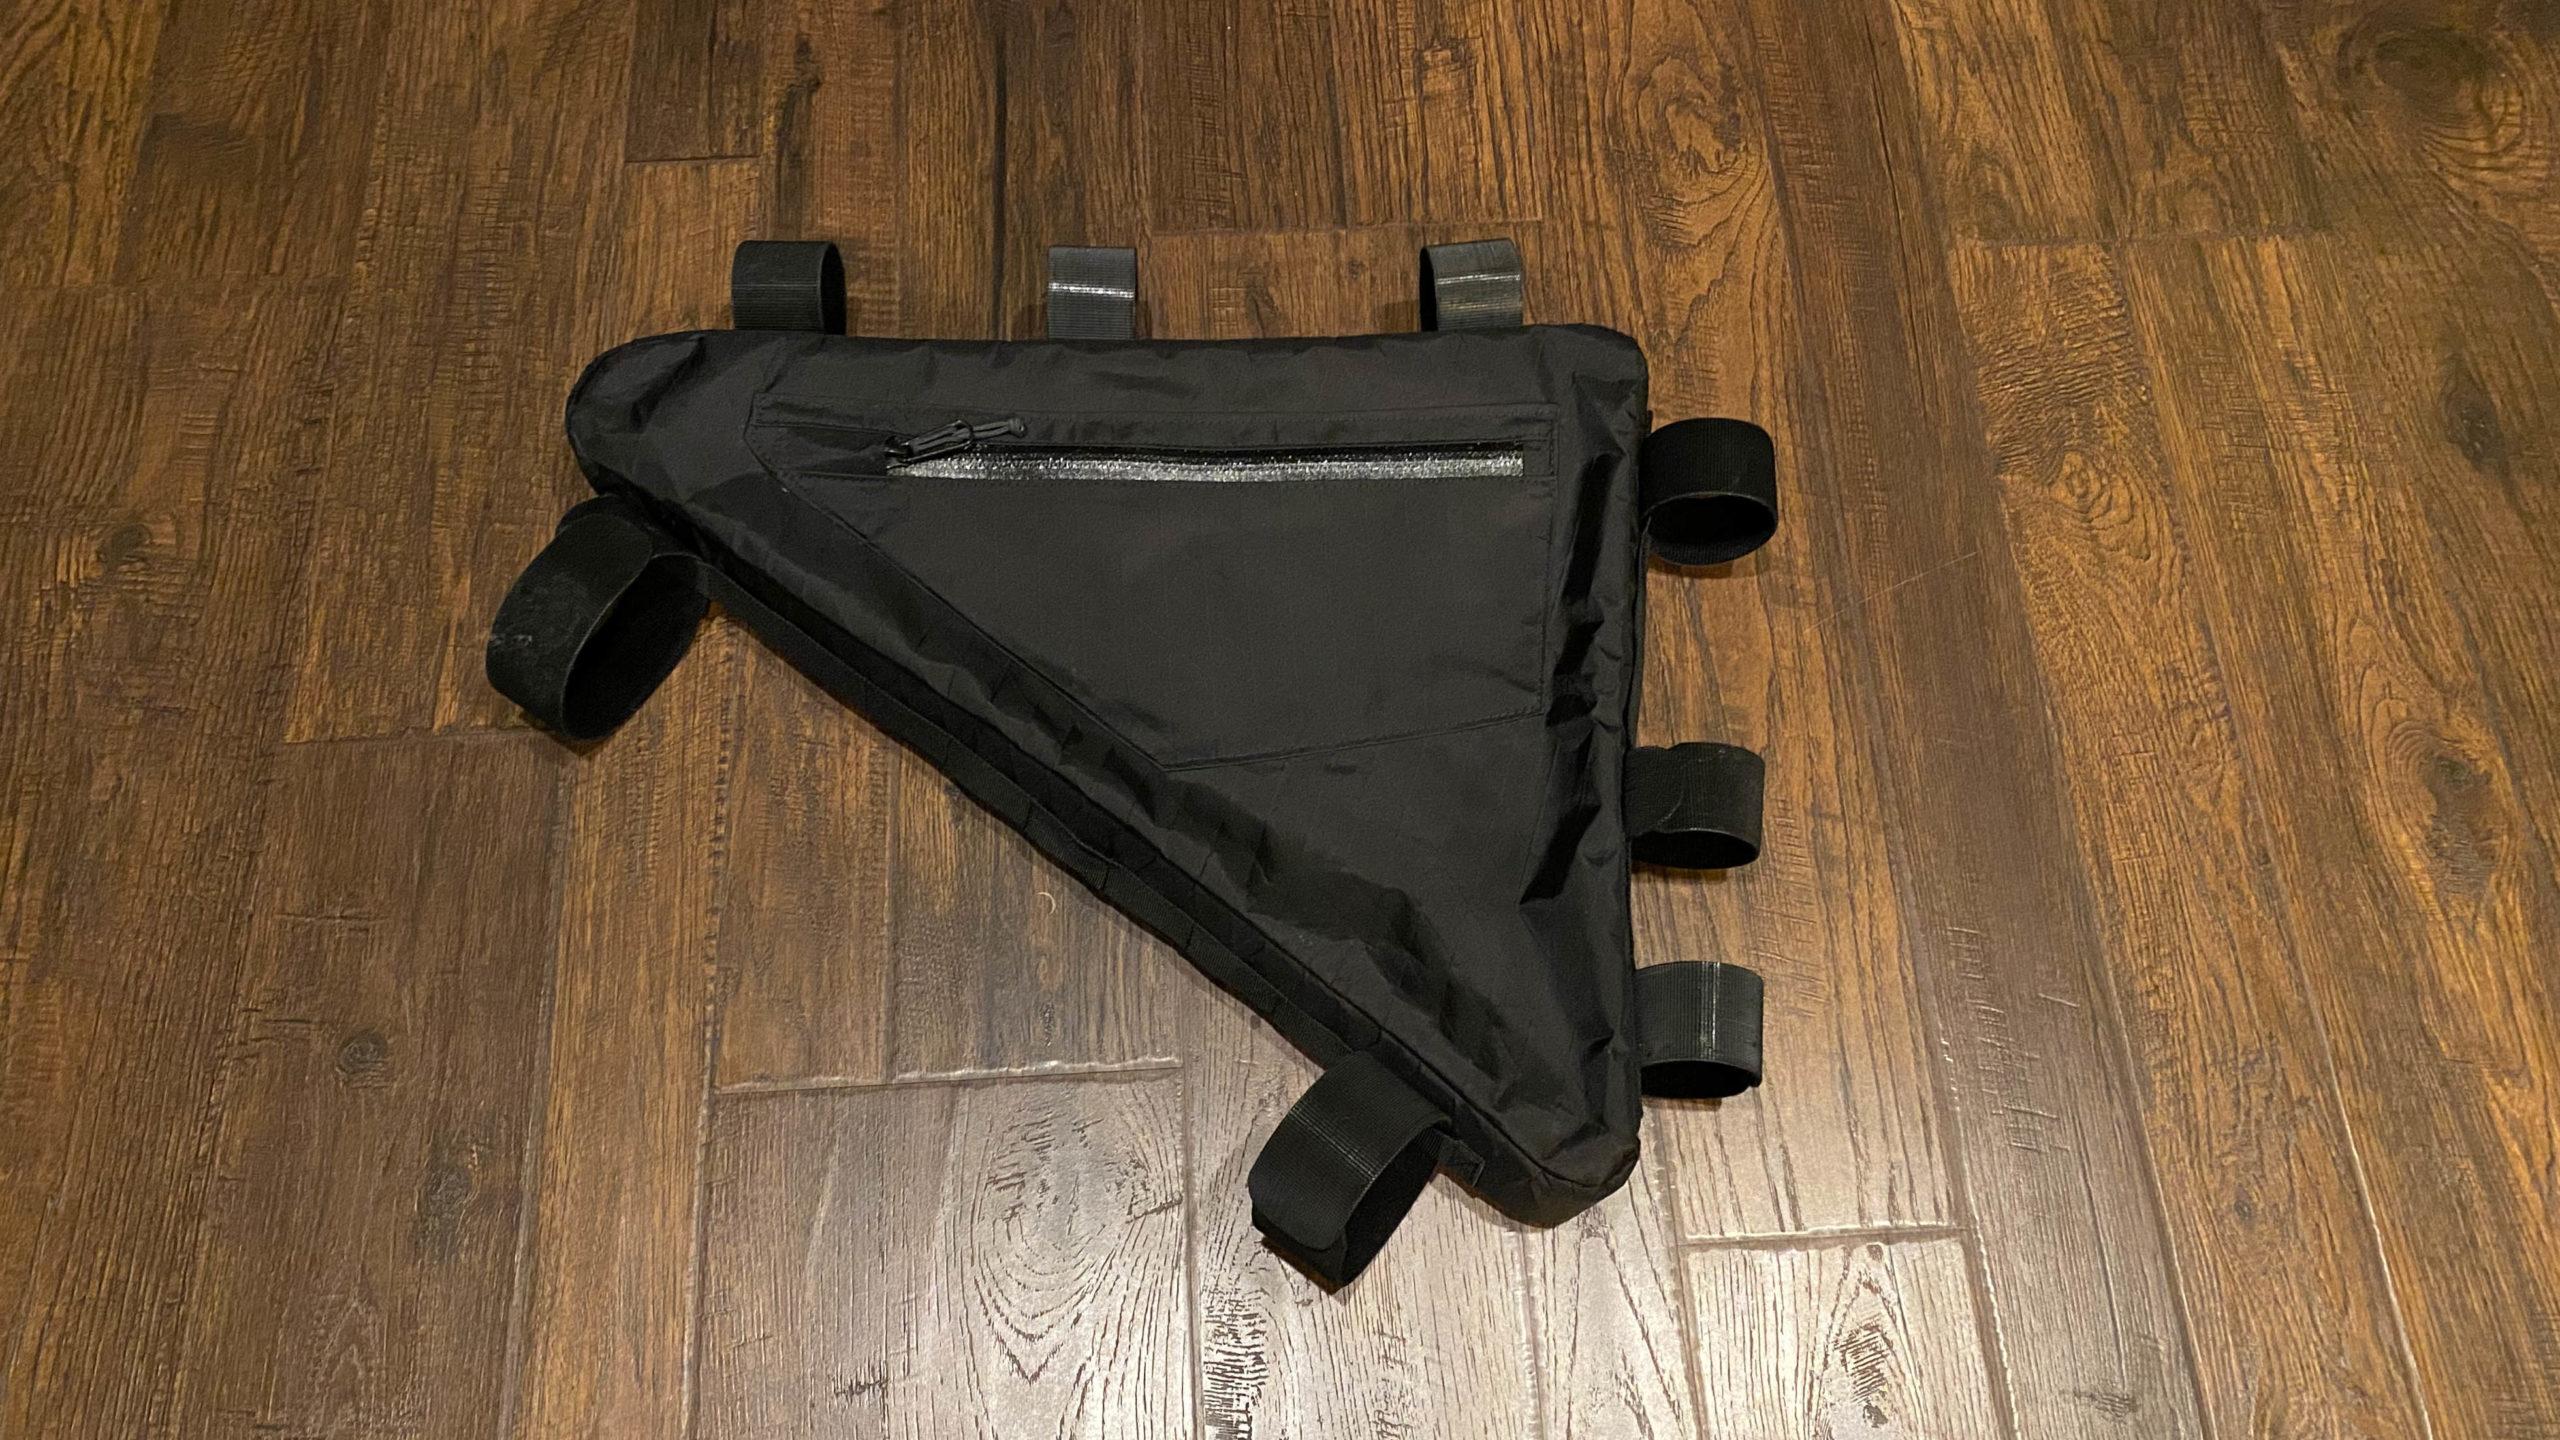 Field and Forest Frame Bag optional side pocket shot.